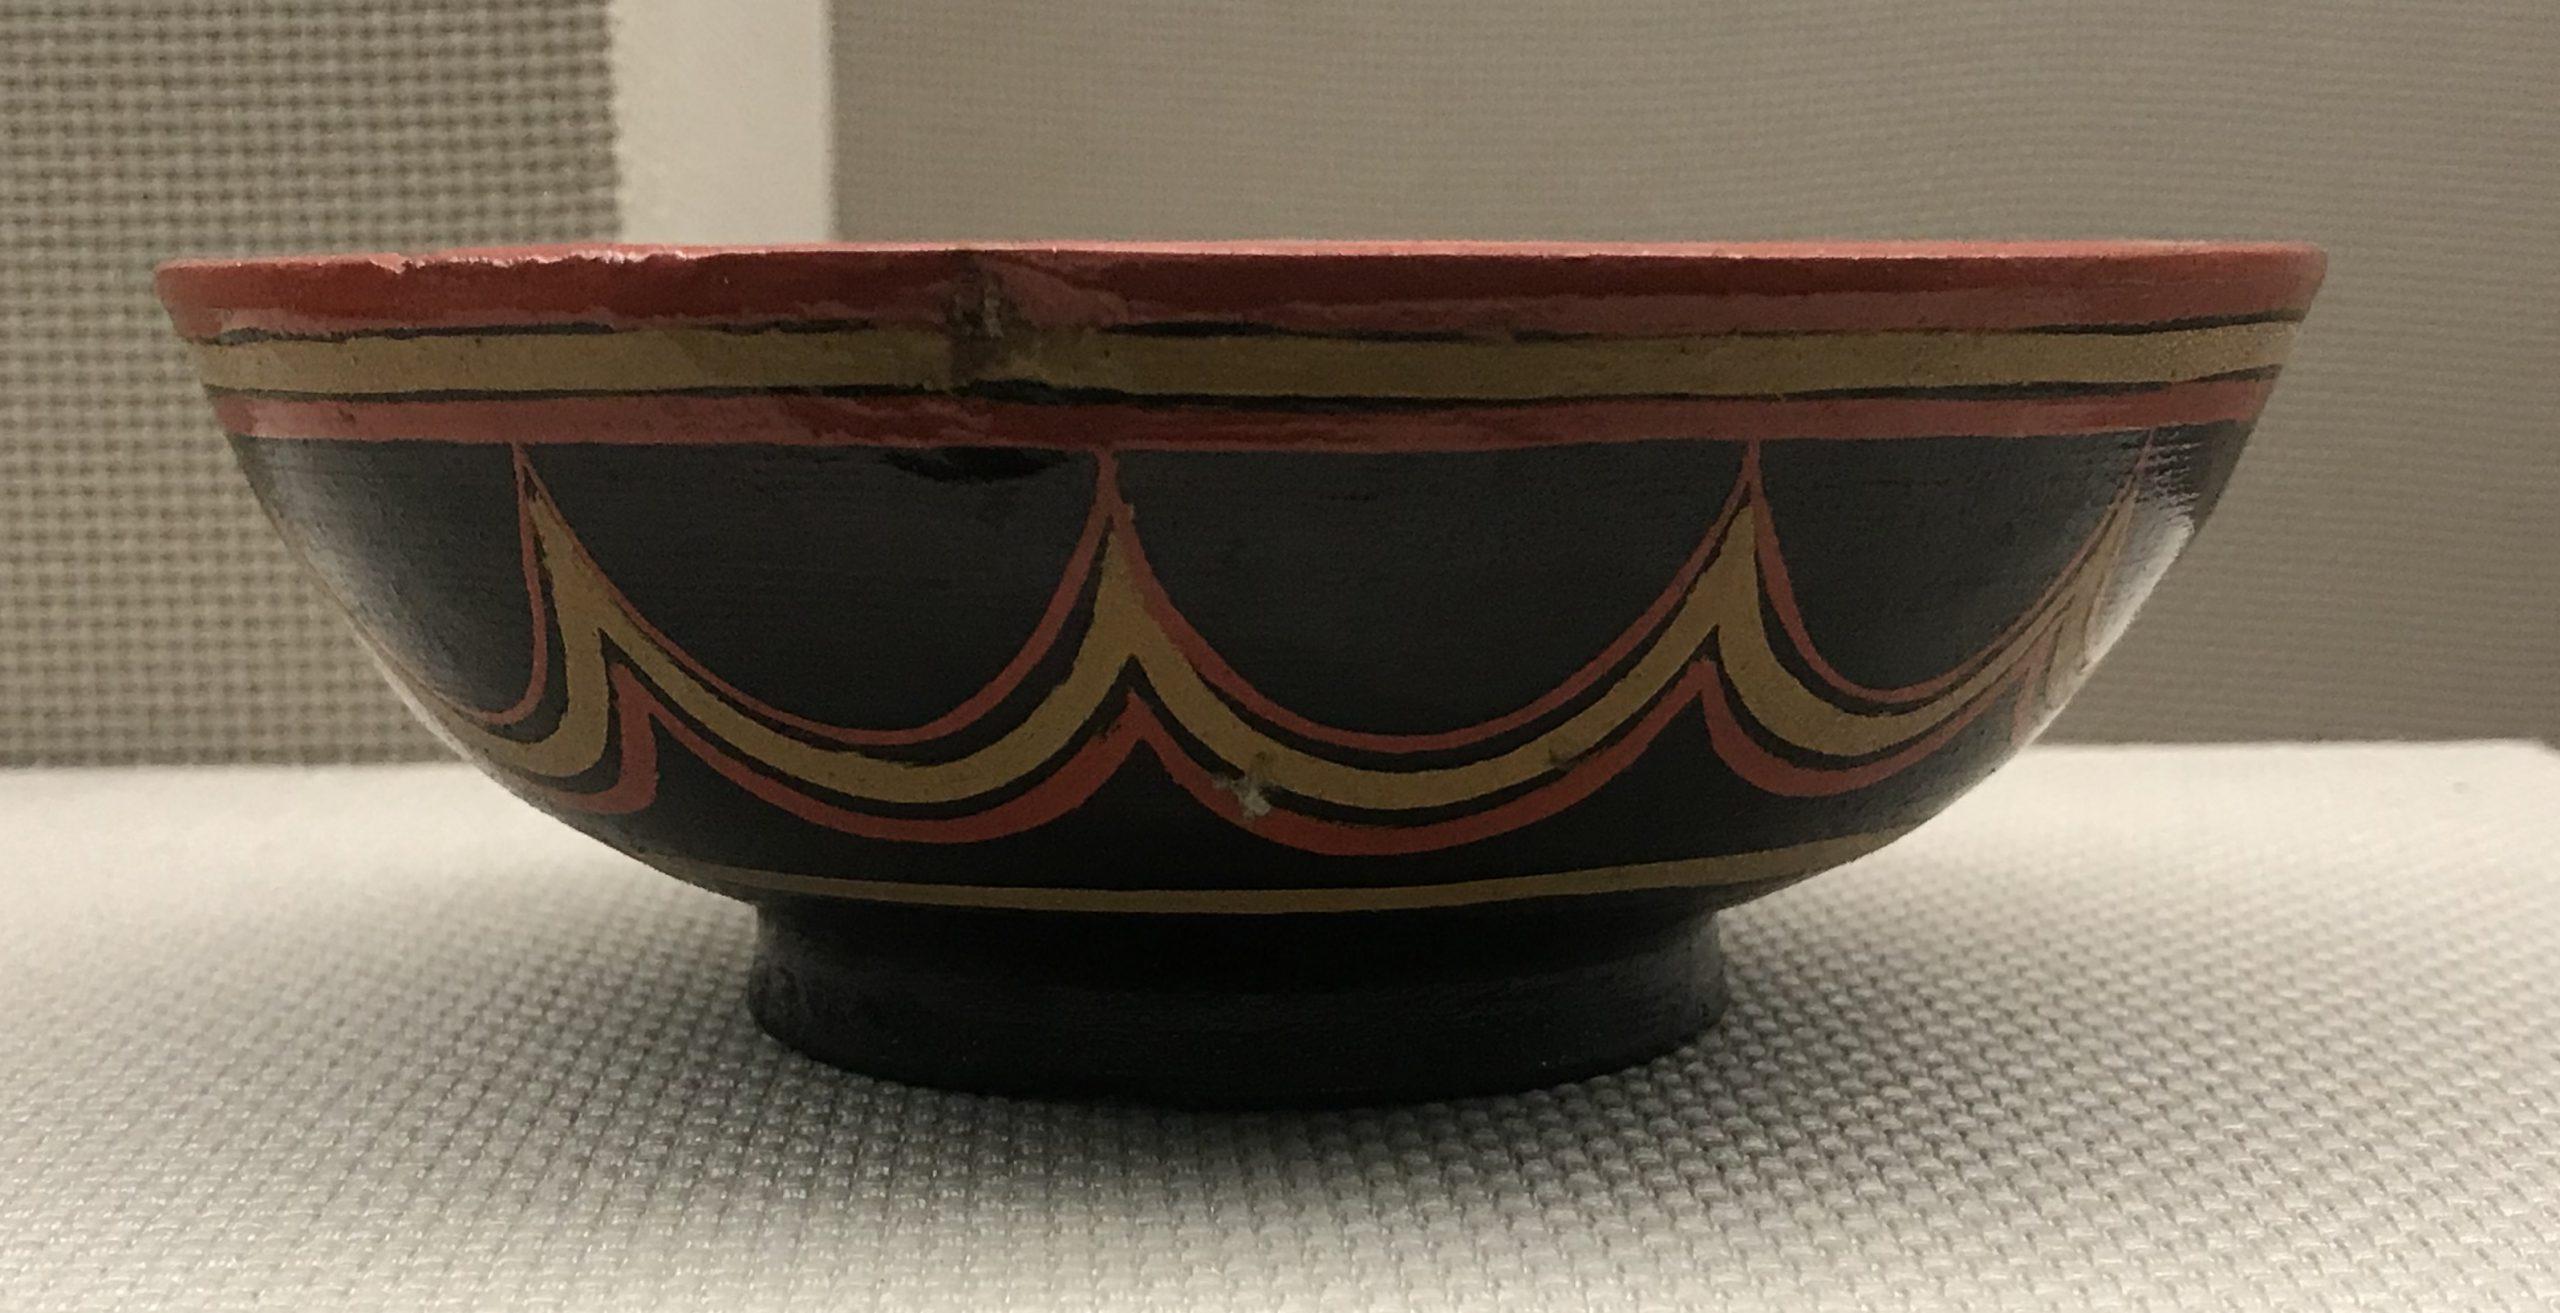 彩絵連弧紋木碗-彜族漆器-四川民族文物館-四川博物館-成都